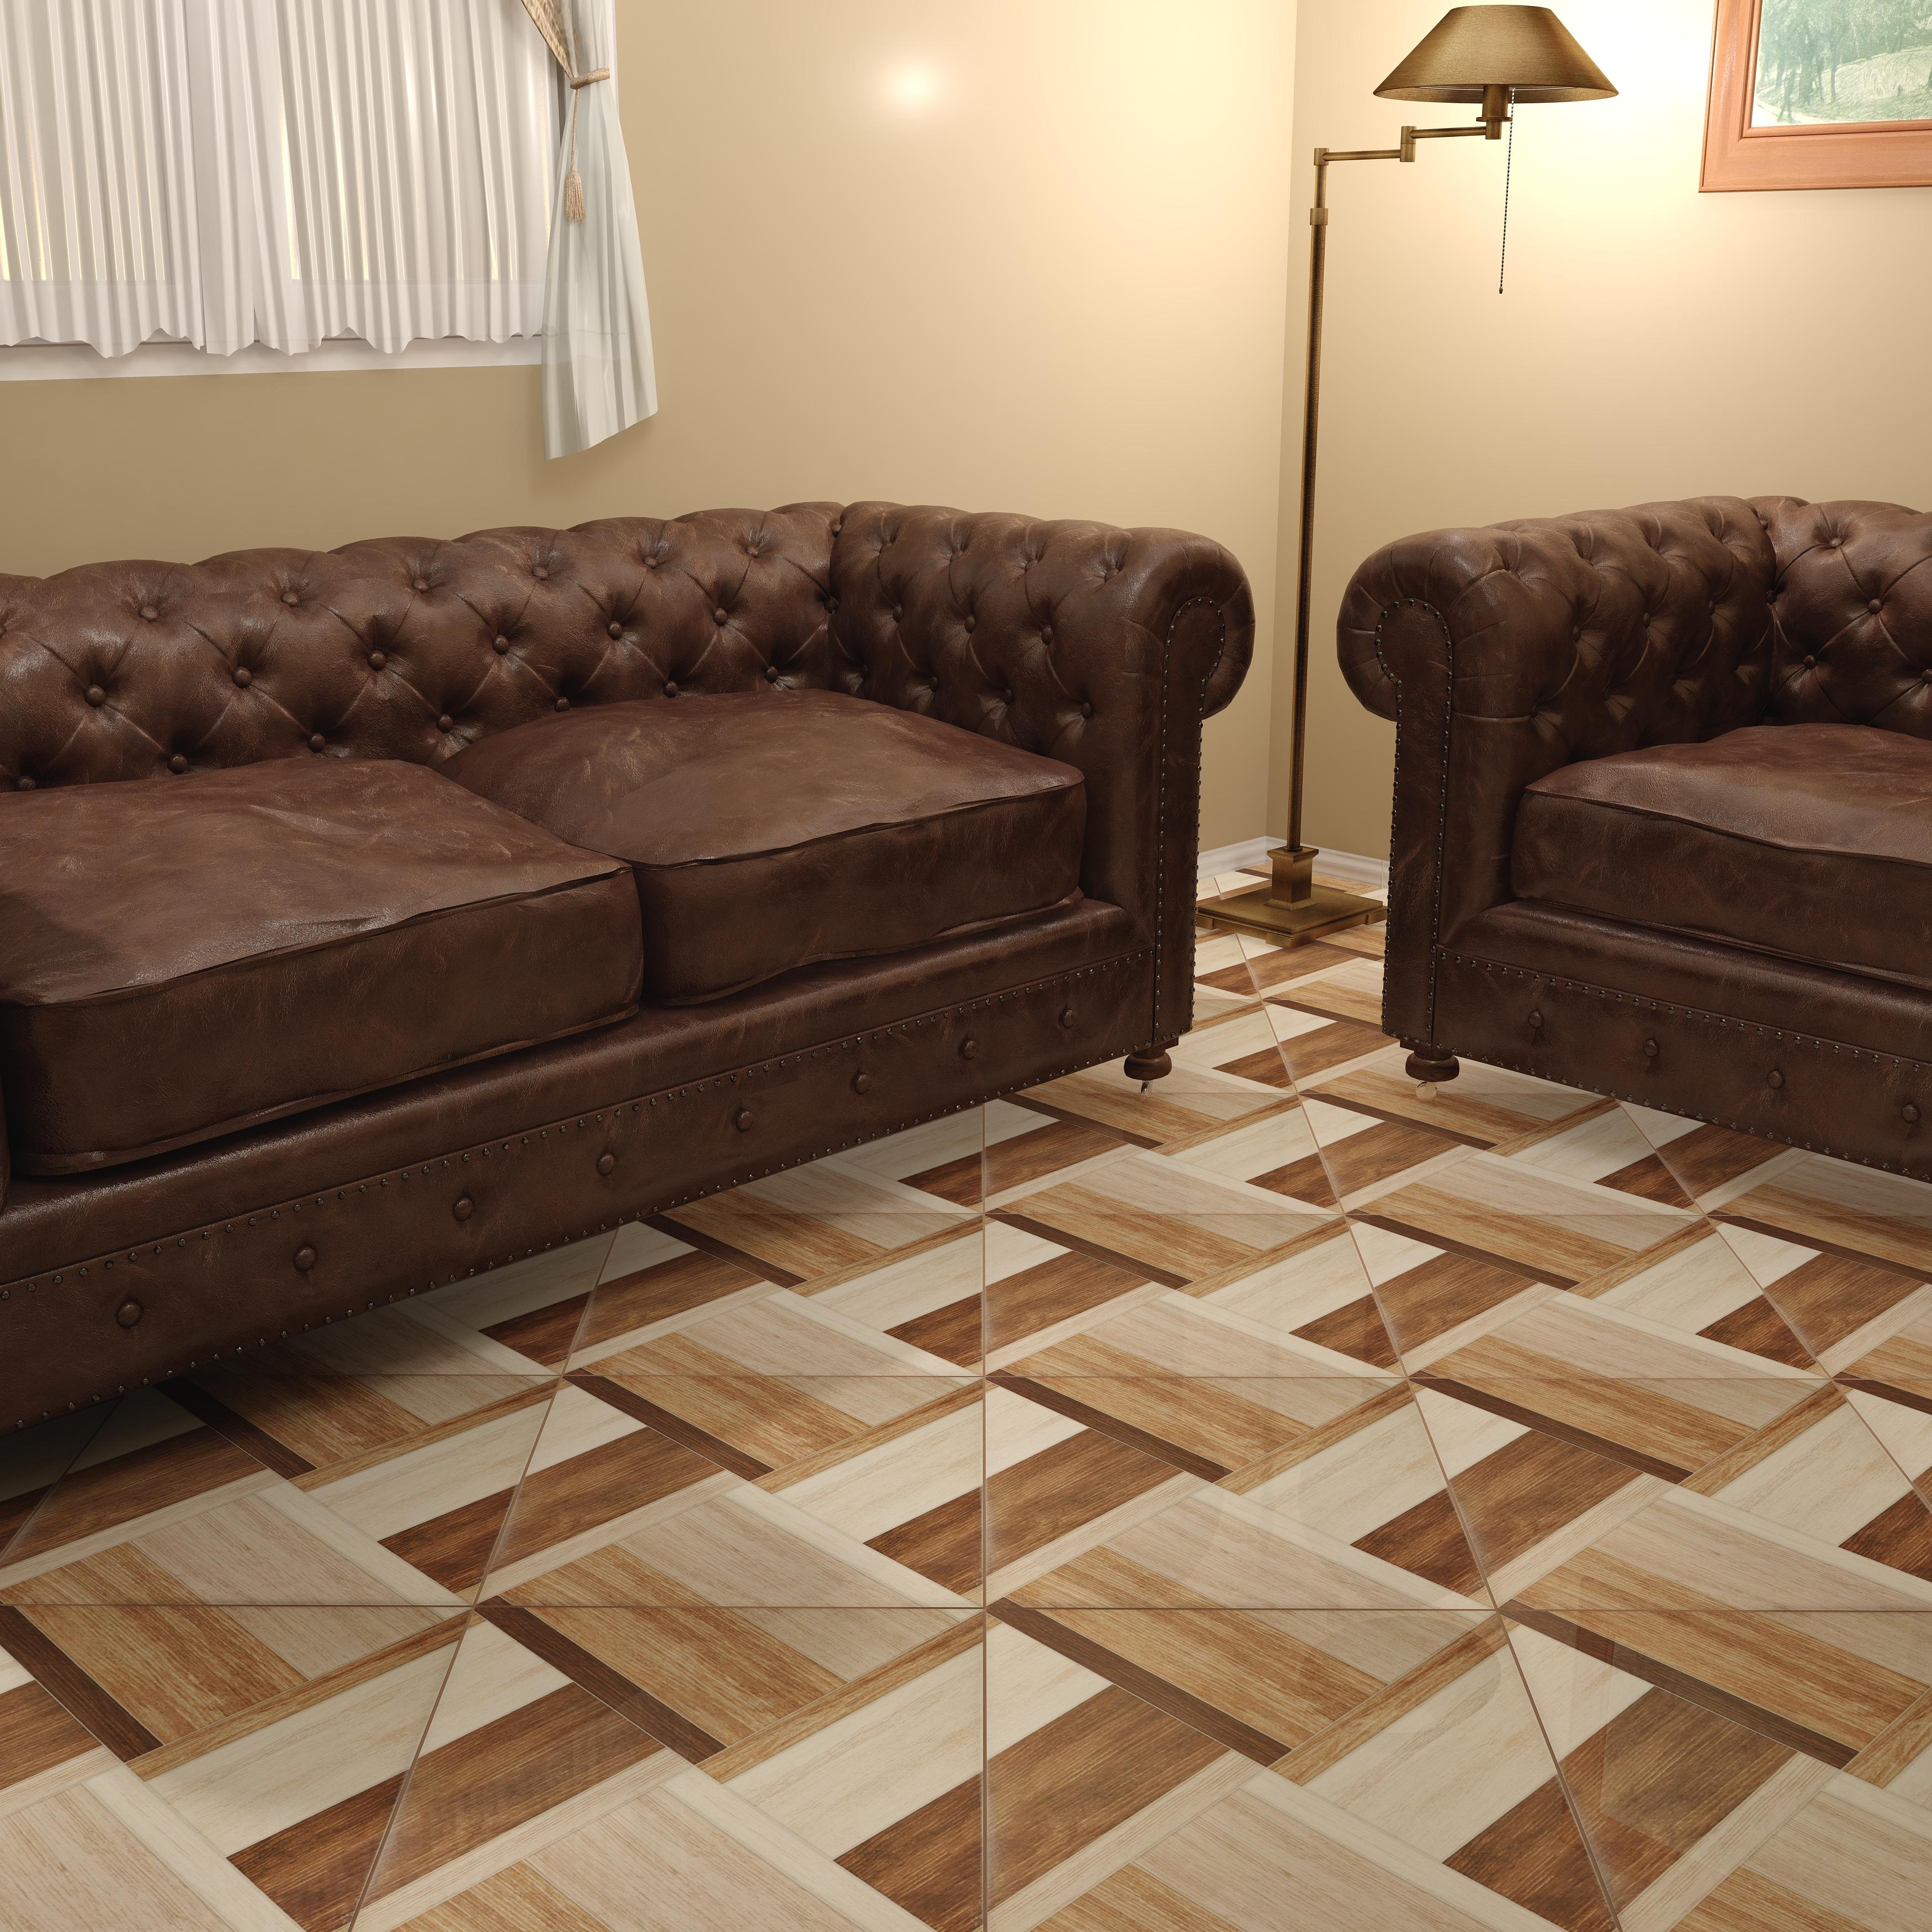 Austin natural floor tile publicarea by merola tilemerola tile on austin natural floor tile ppazfo